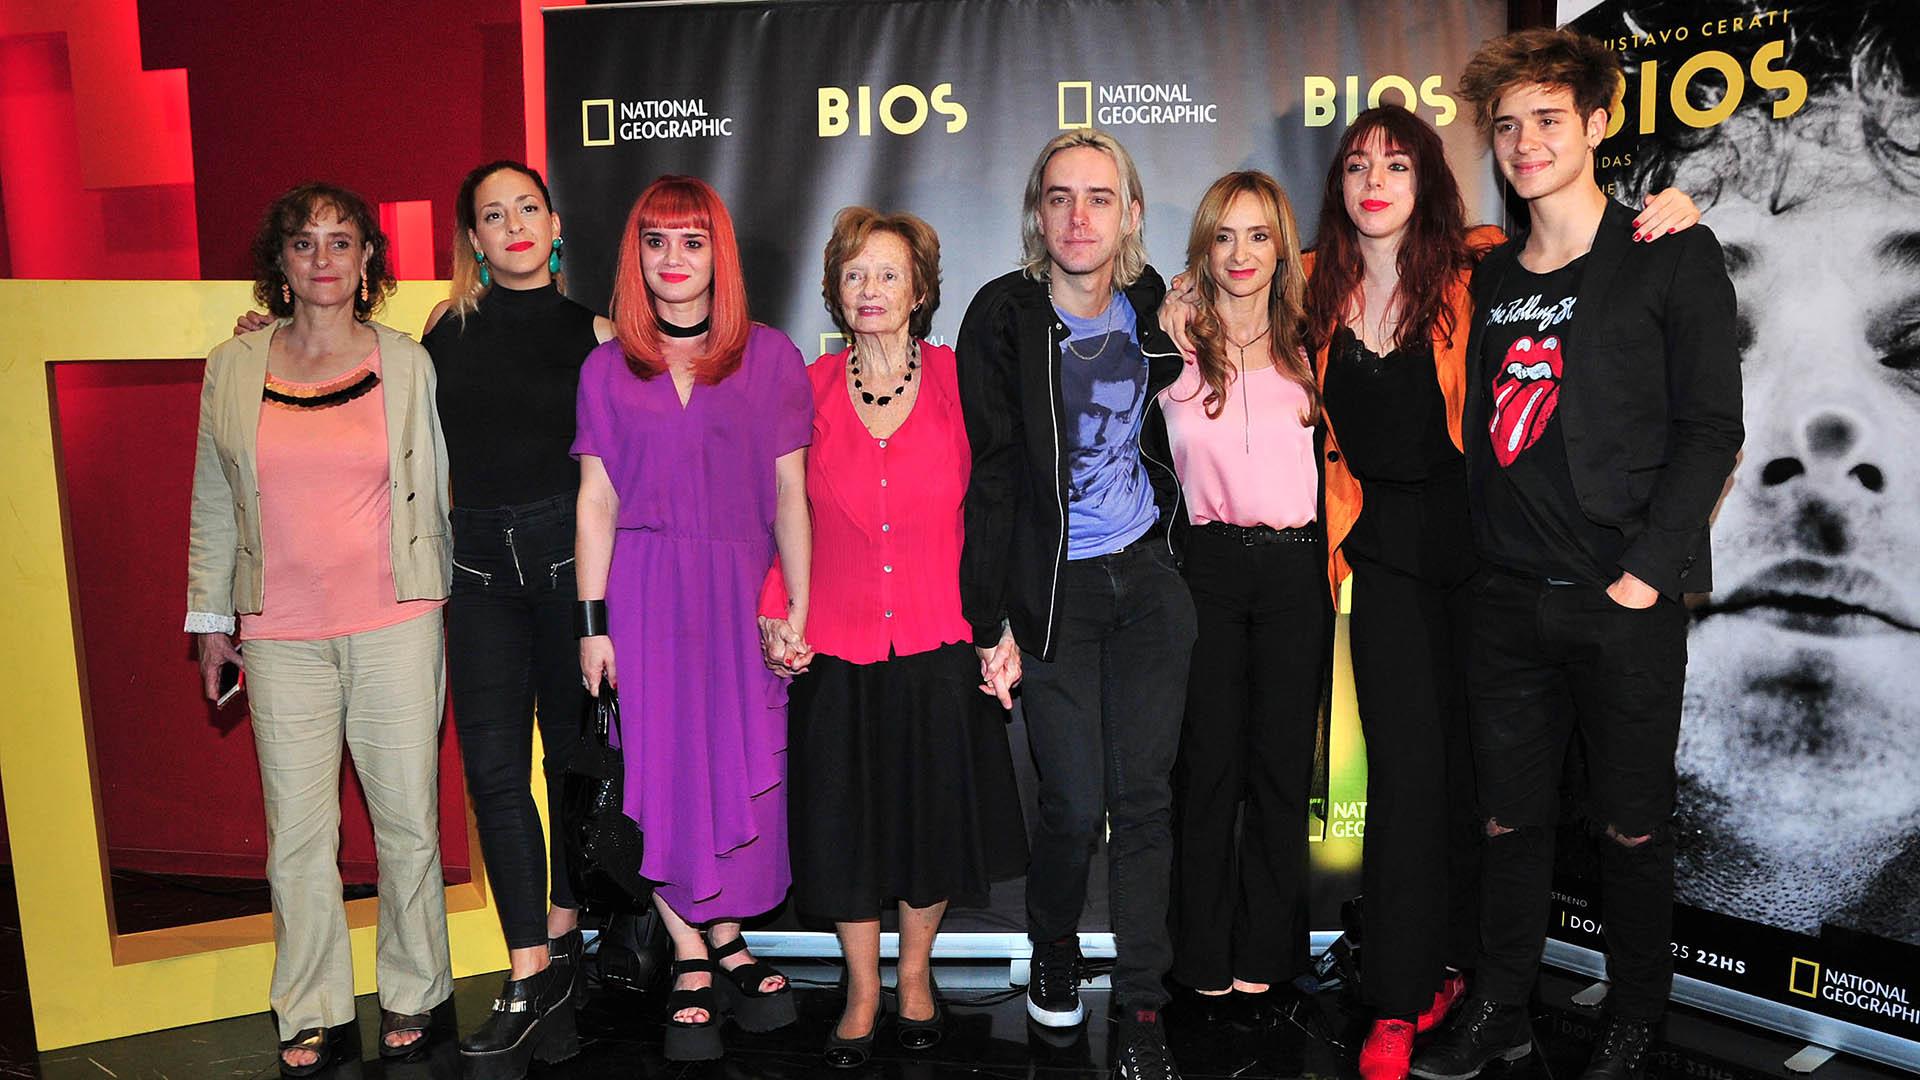 La familia de Gustavo Cerati